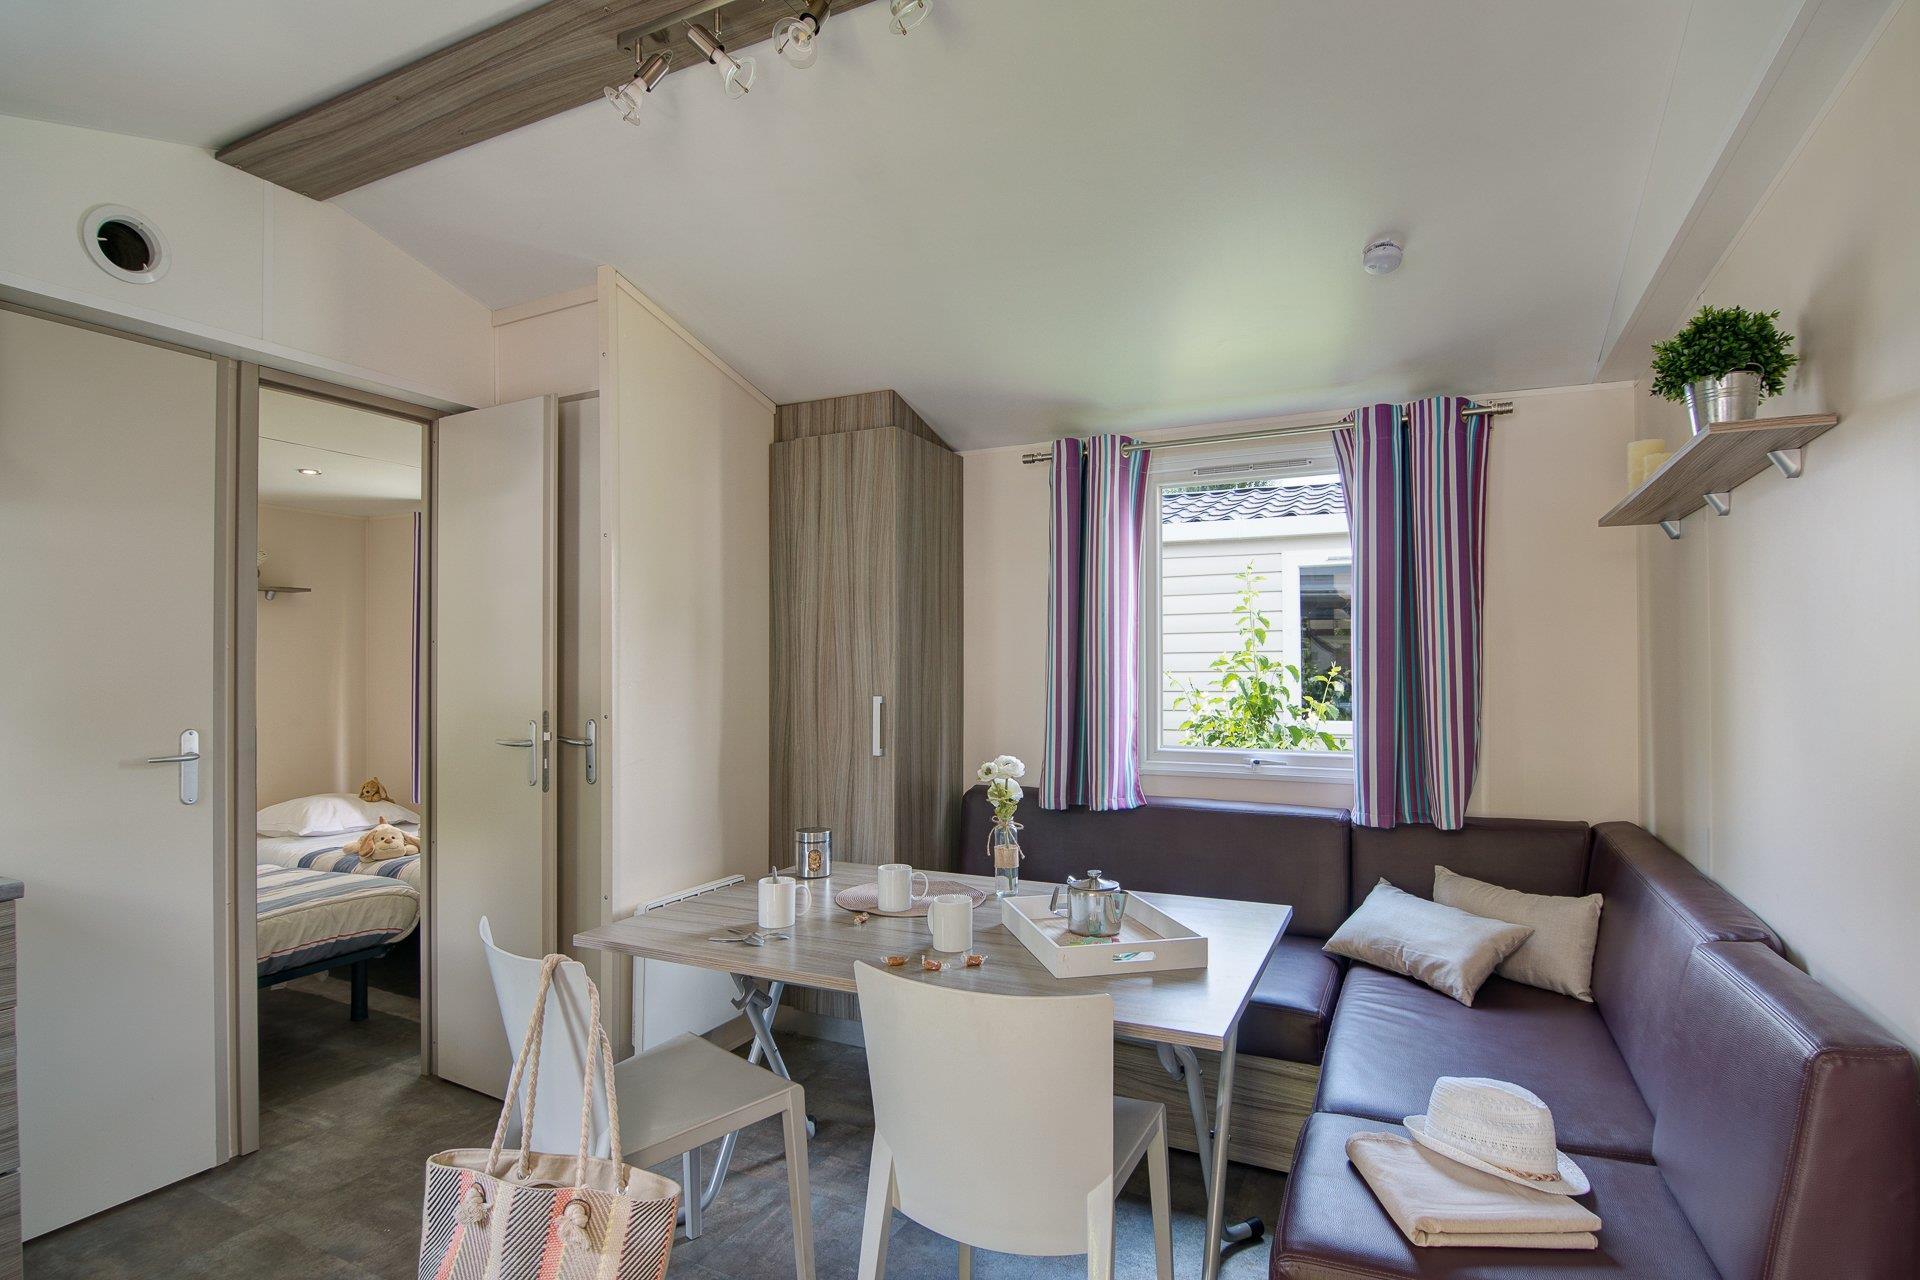 Location - Cottage 3 Chambres ** - Camping Sandaya Paris Maisons-Laffitte